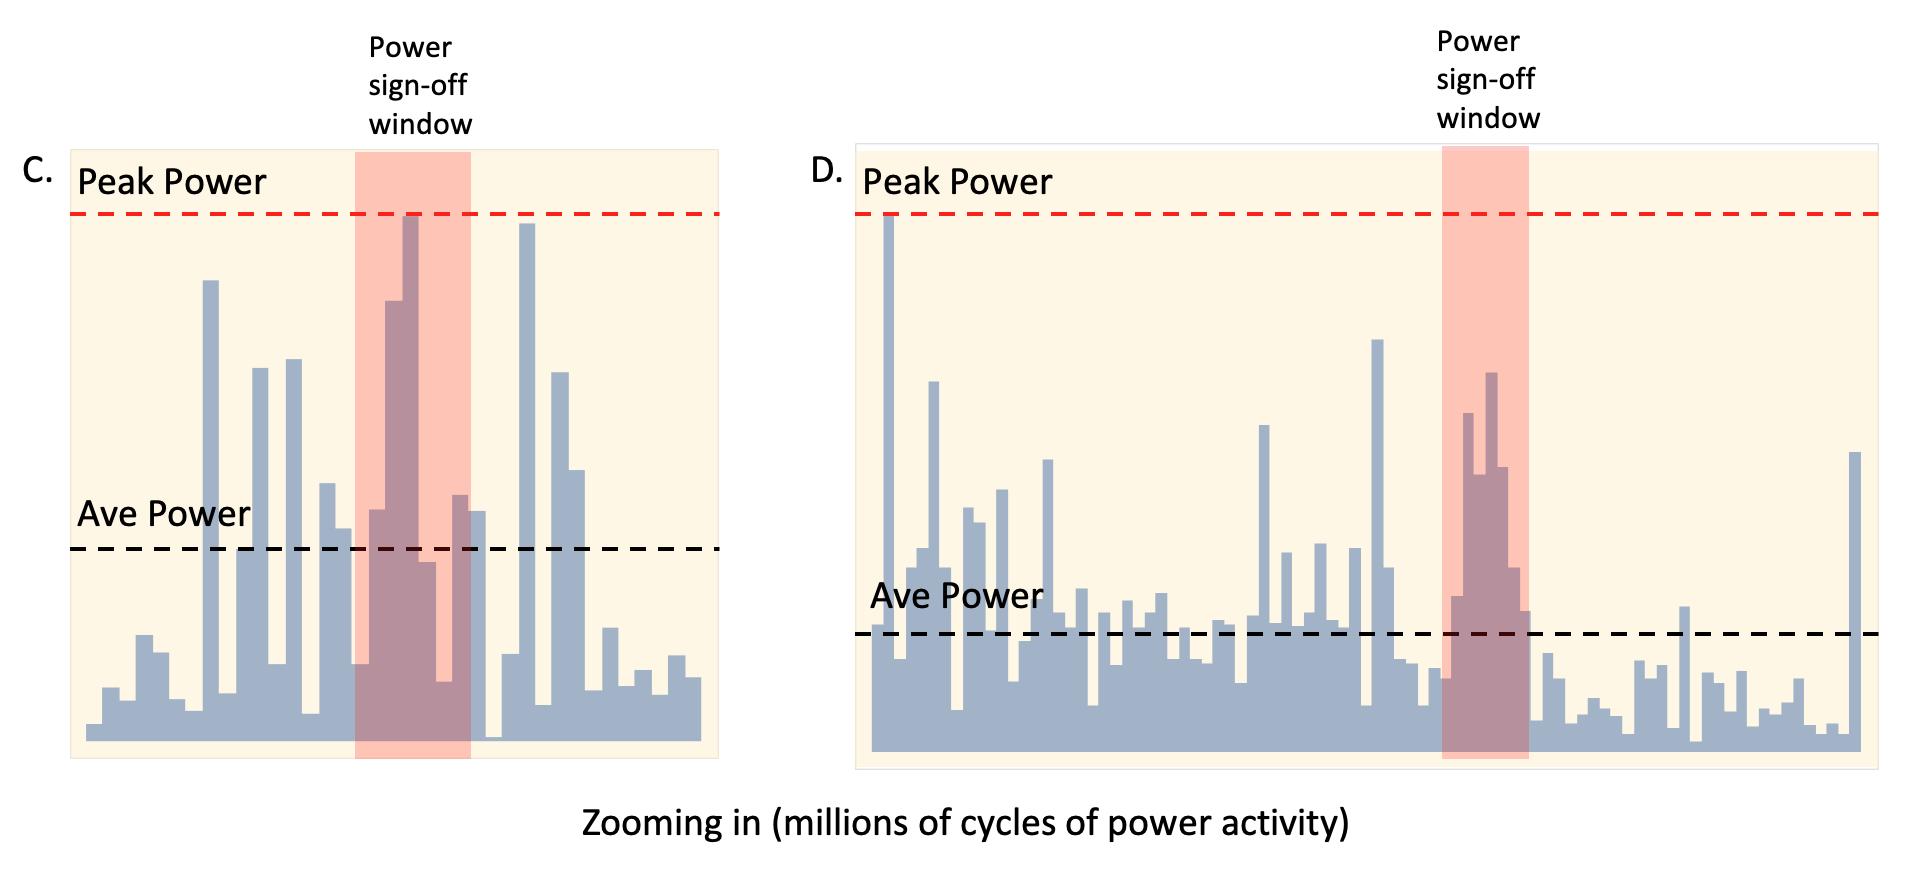 power activity zoom in